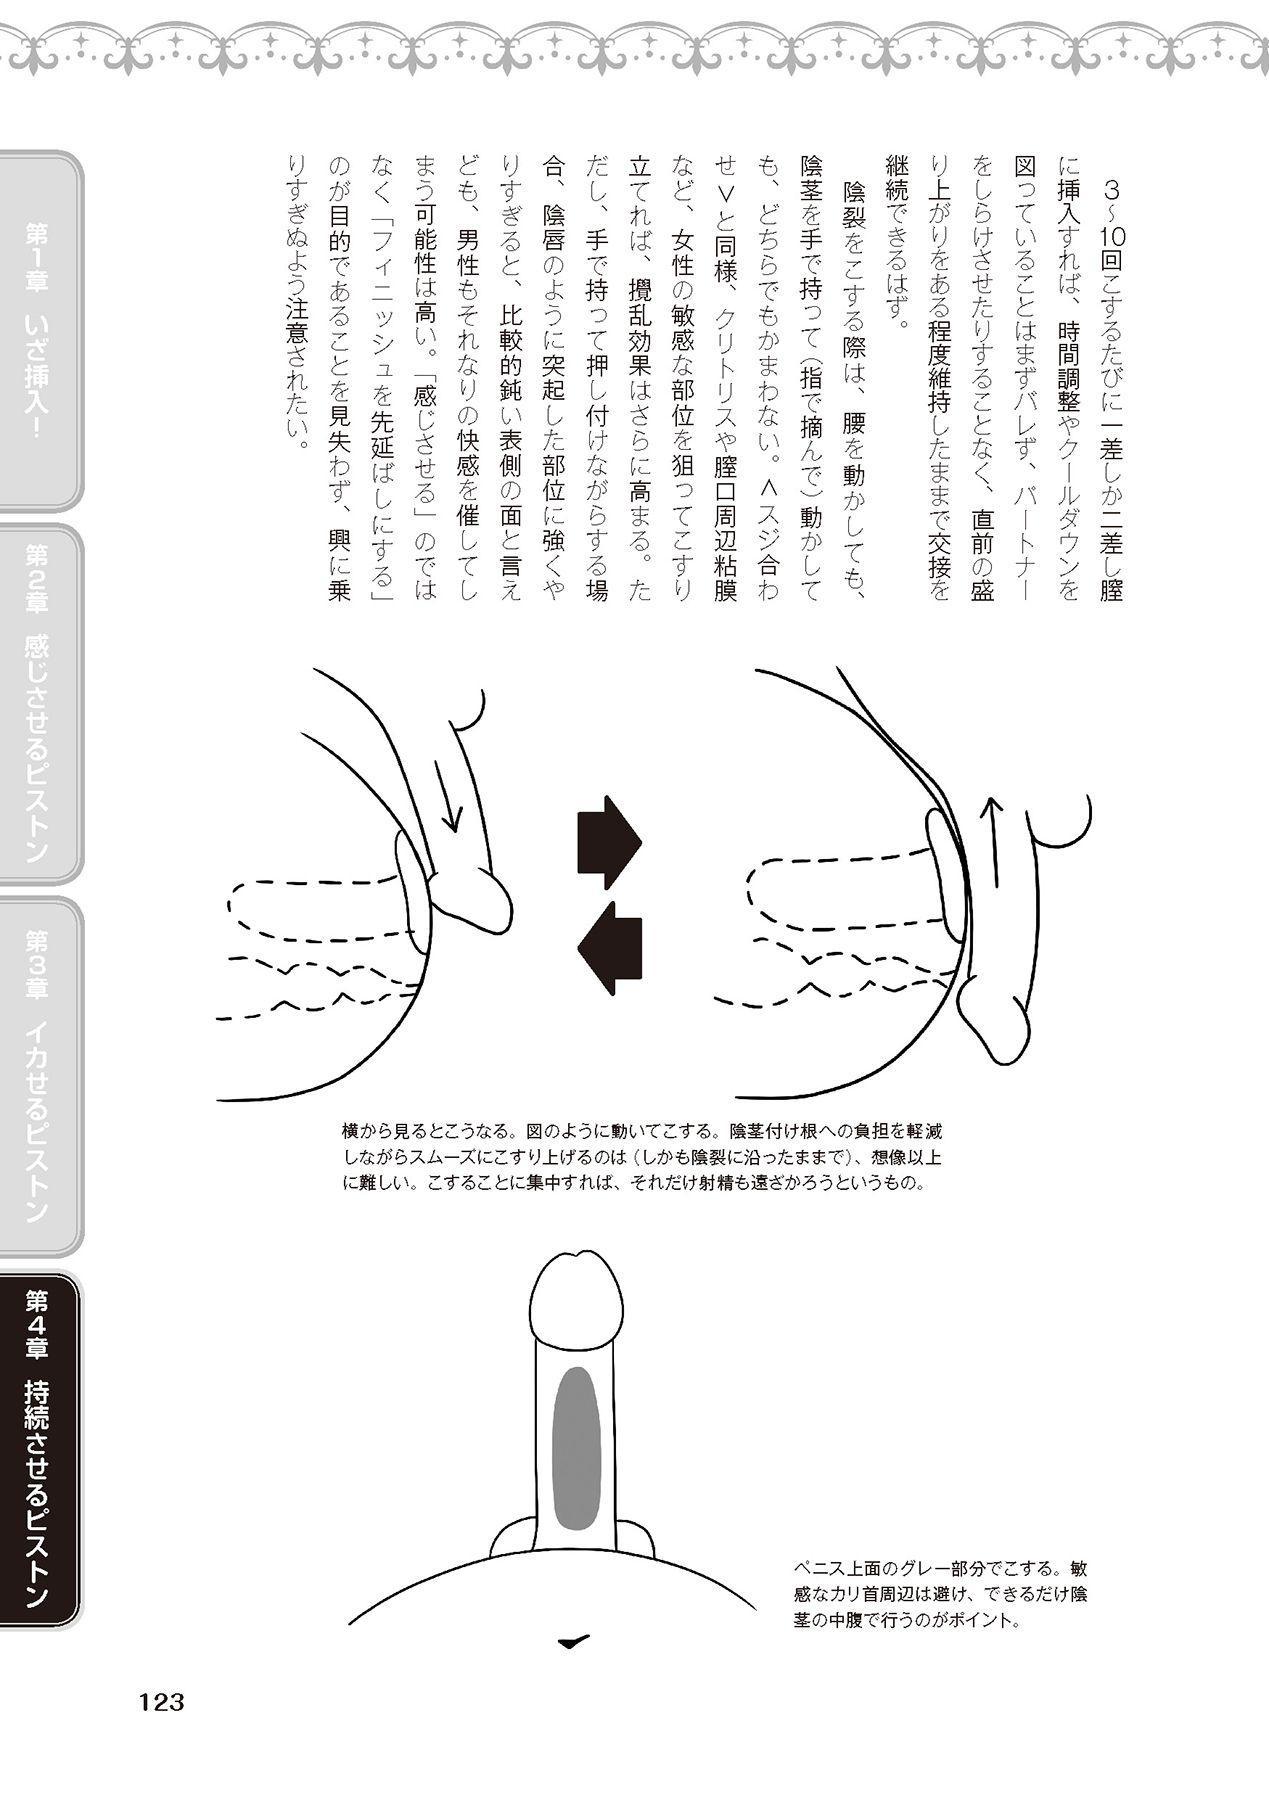 膣挿入&ピストン運動完全マニュアル イラスト版……ピスとんッ! 124